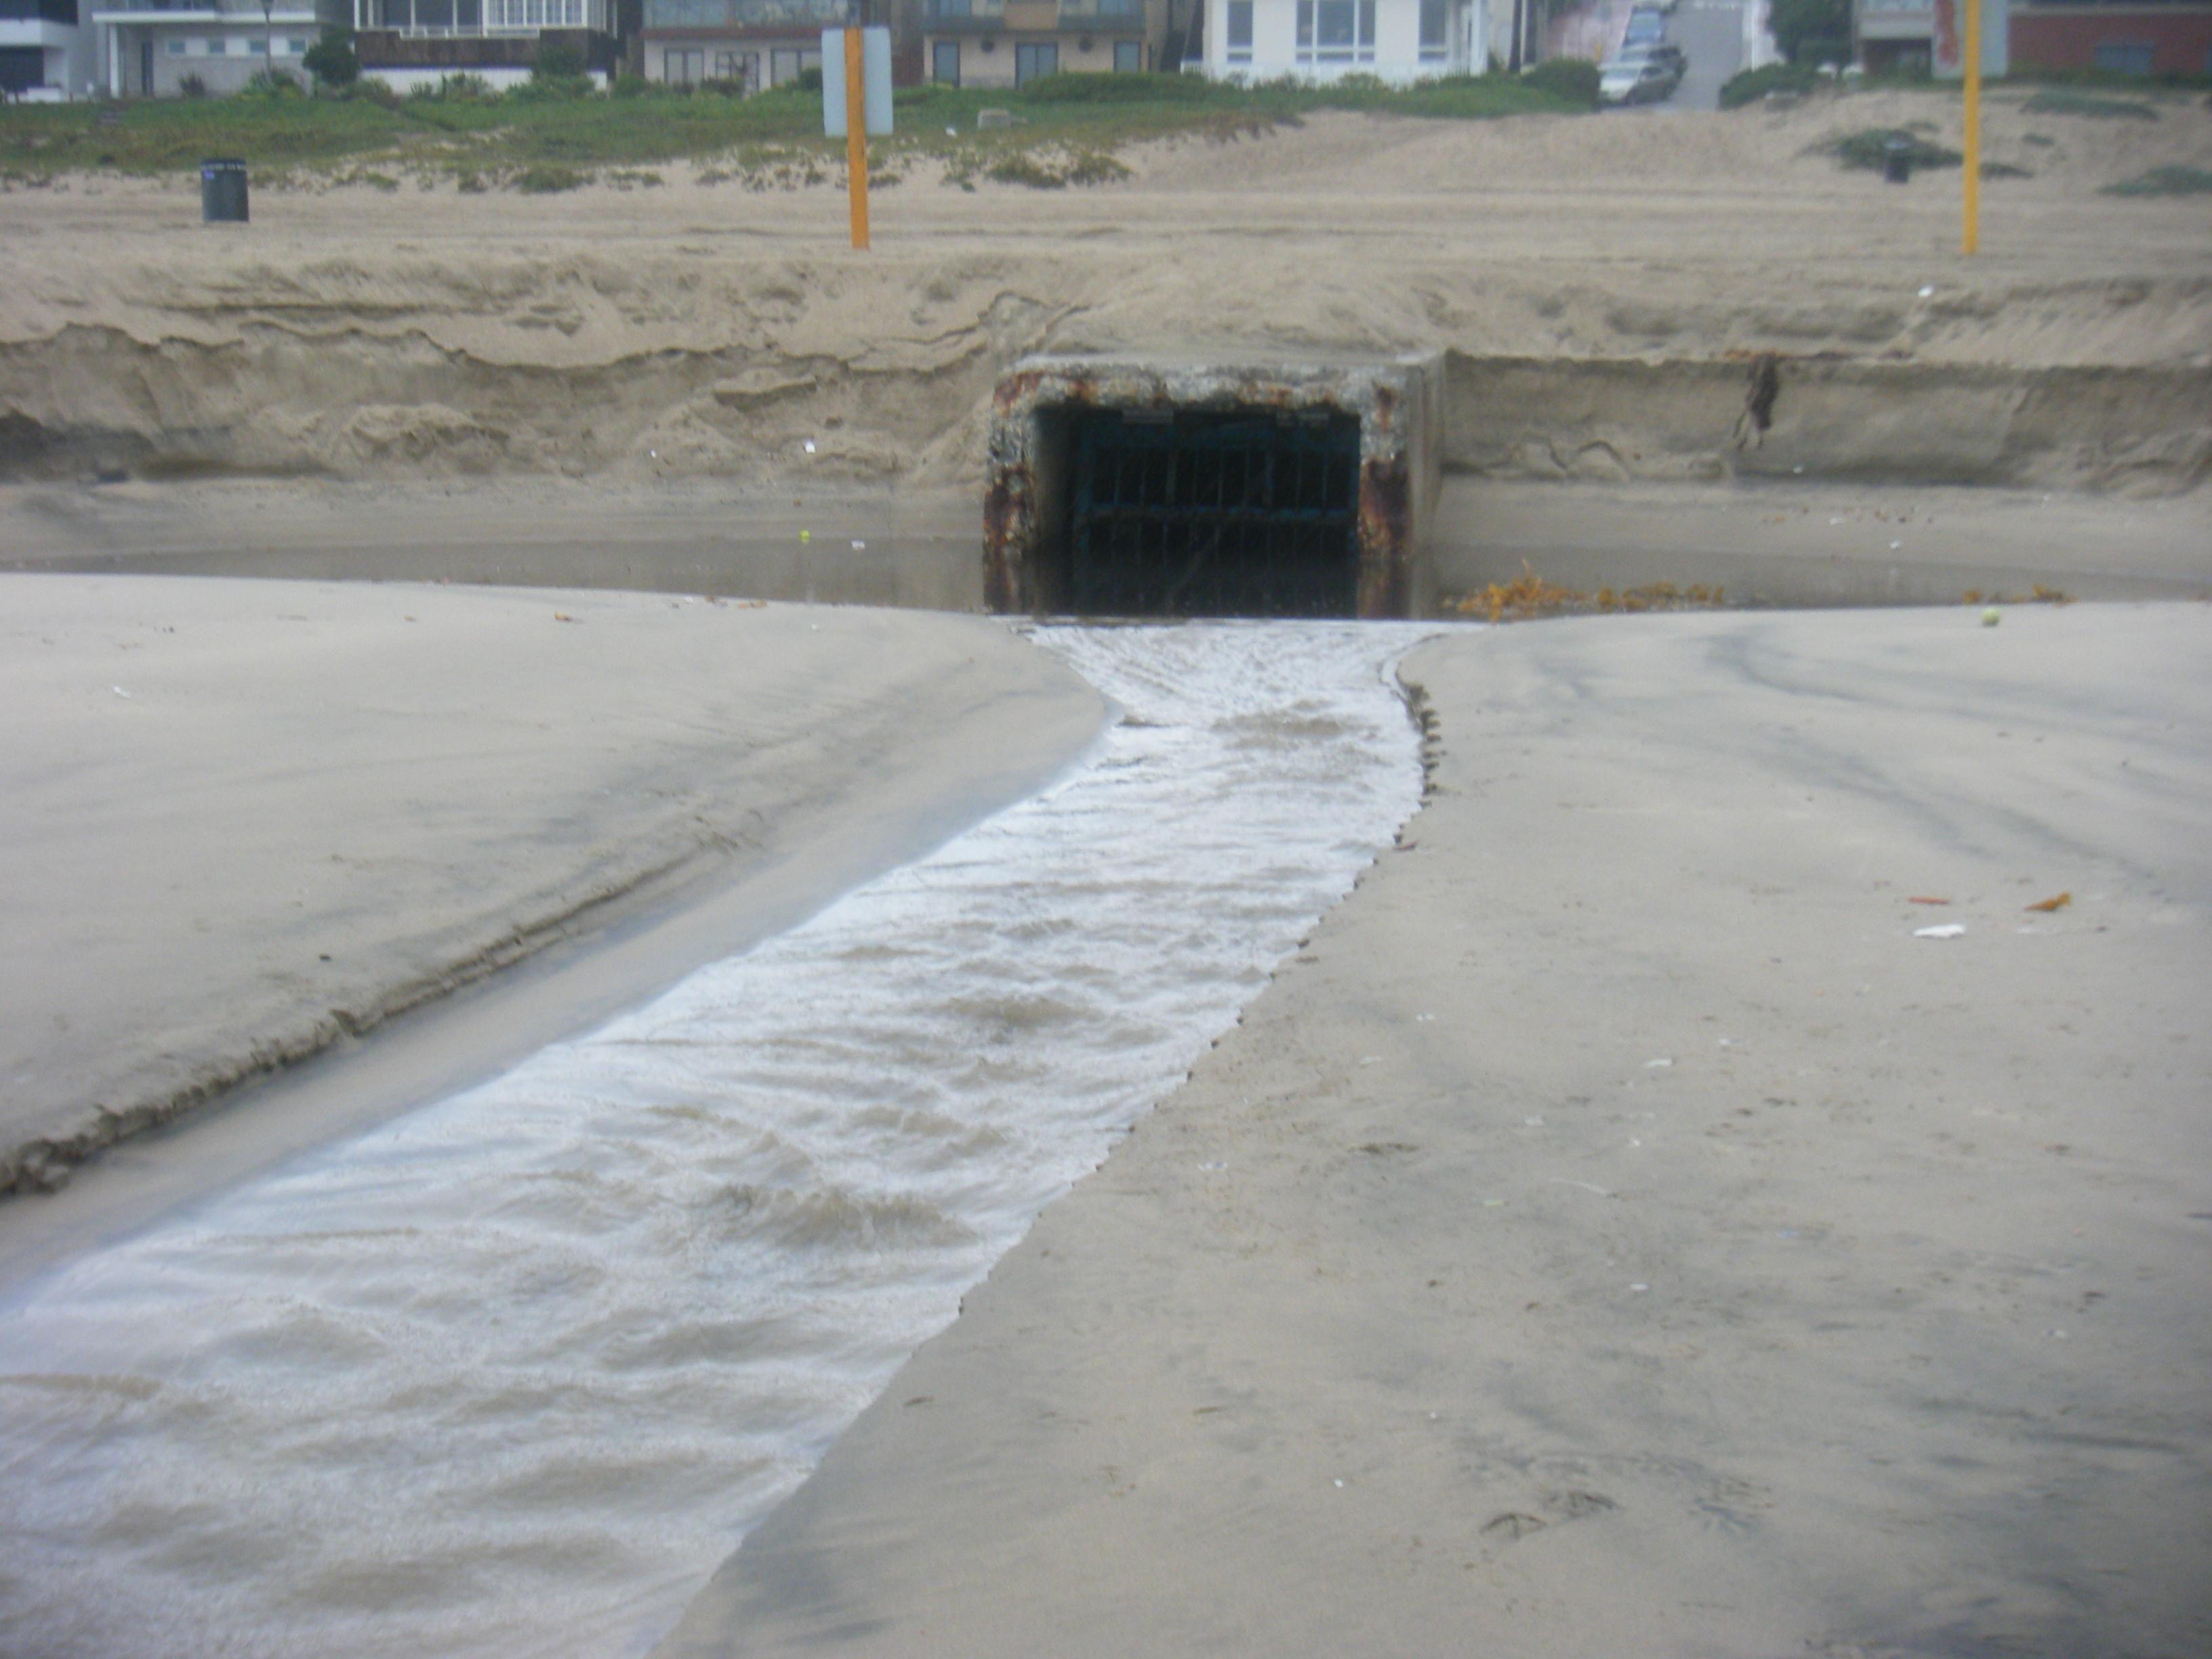 Storm drain flow